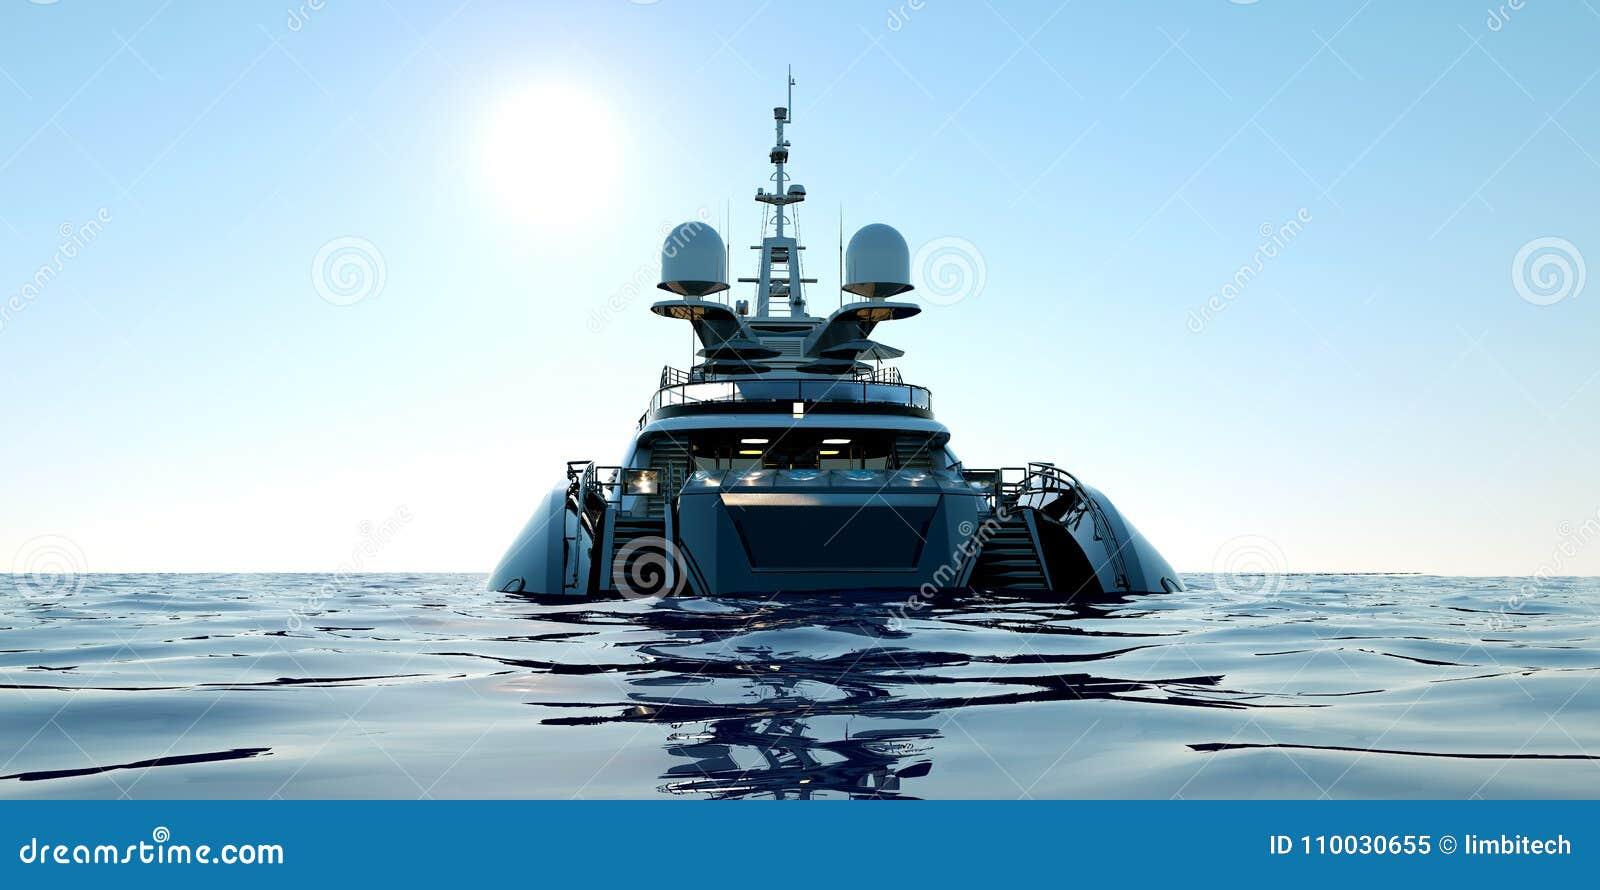 Uiterst gedetailleerde en realistische hoge resolutie 3D illustratie van een luxe super jacht